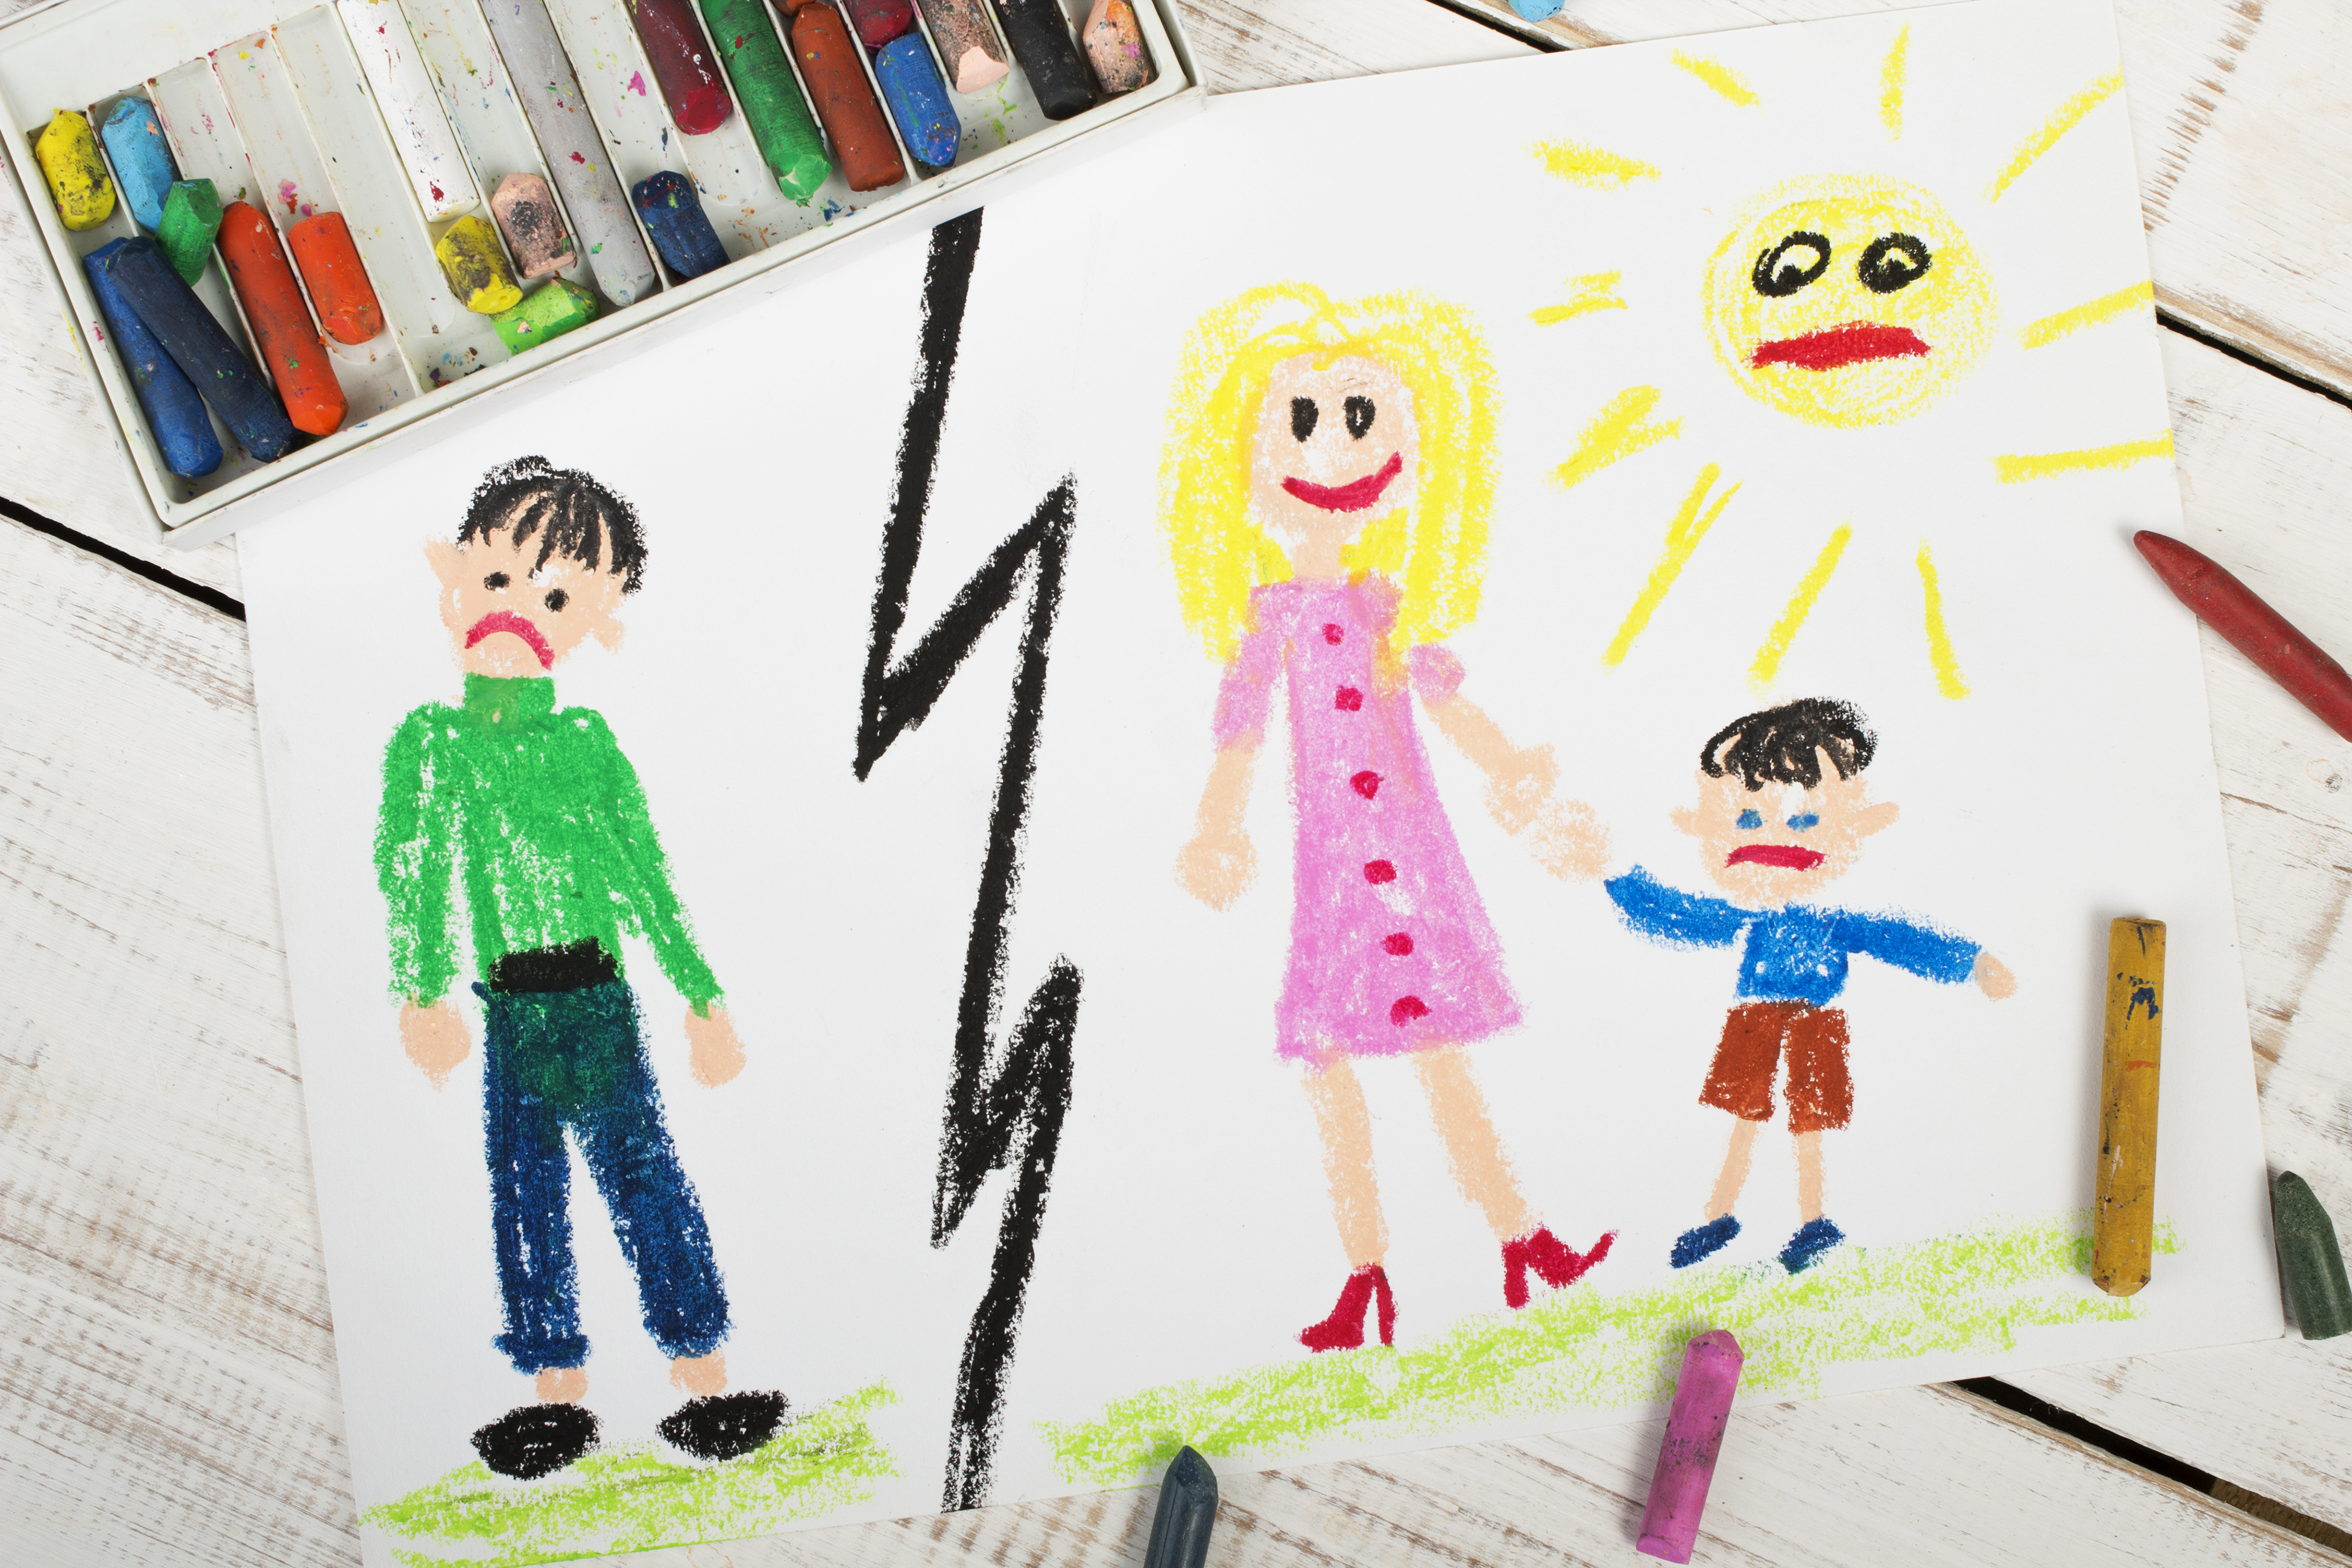 När en förälder missbrukar slår det hårt mot hela familjen. Fokus hamnar oftast på personen som har problem med missbruk